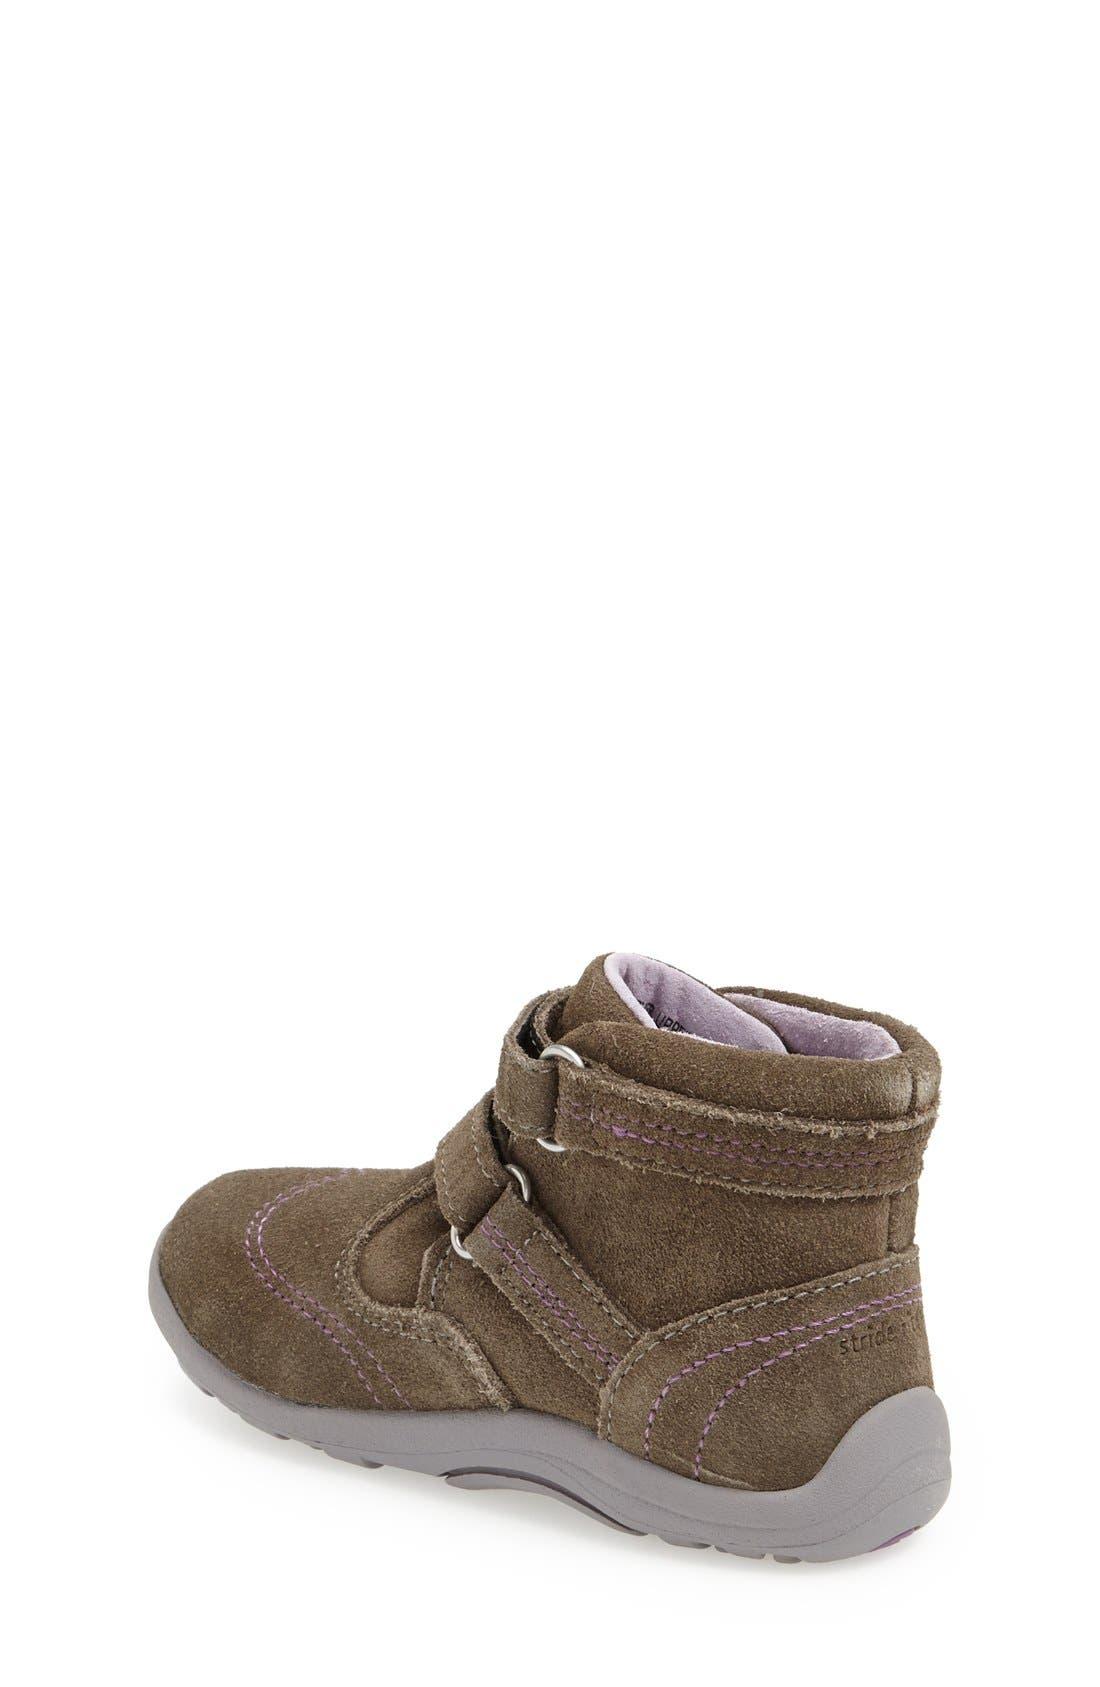 Alternate Image 2  - Stride Rite 'SRT Gisella' Boot (Baby & Walker)